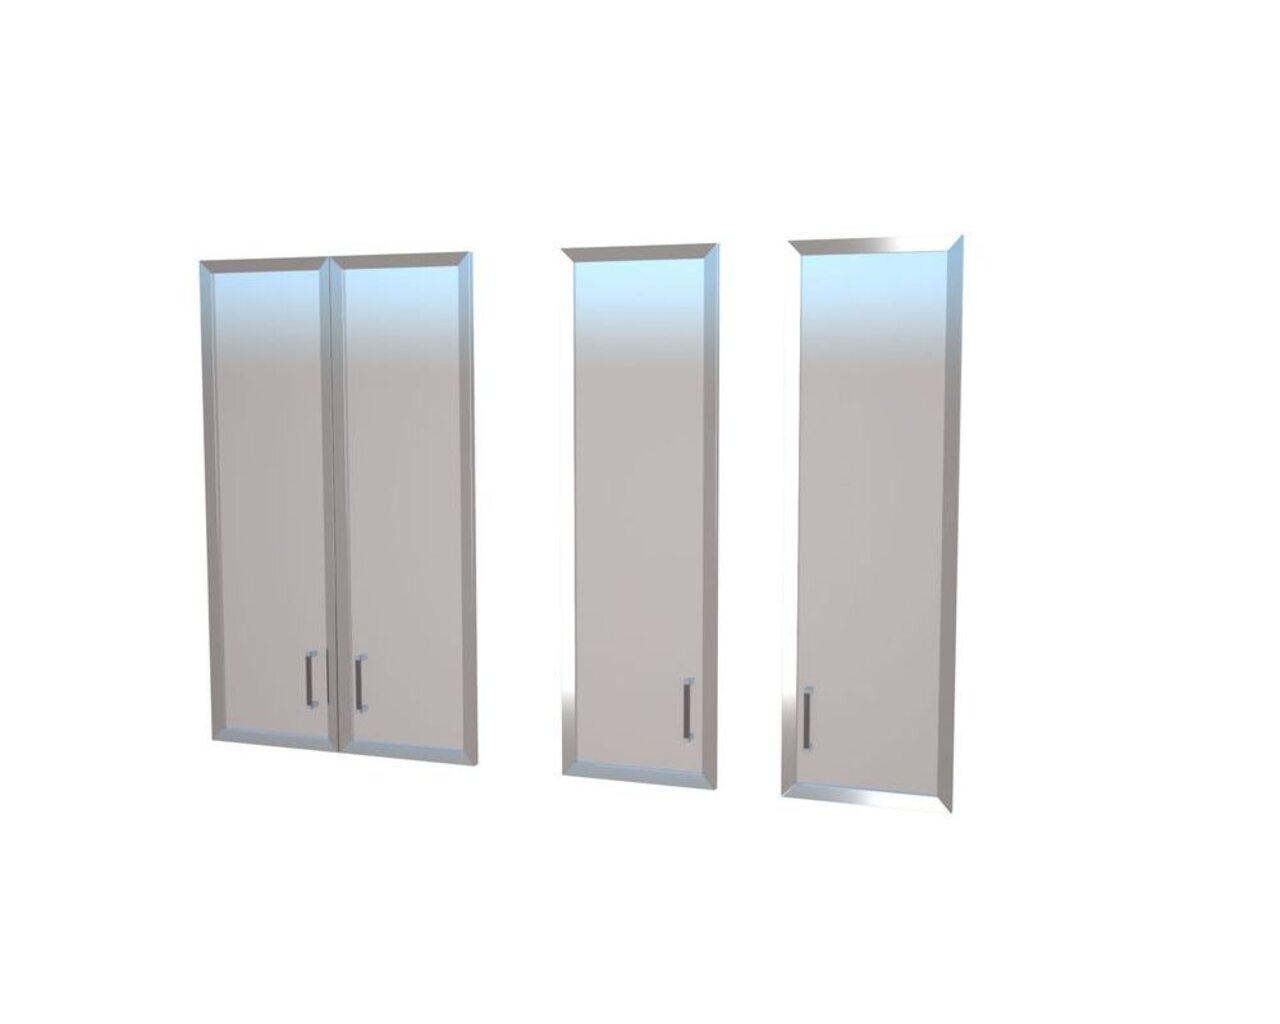 Двери стеклянные К-981 (дуб венге)  Приоритет II 72x2x117 - фото 3